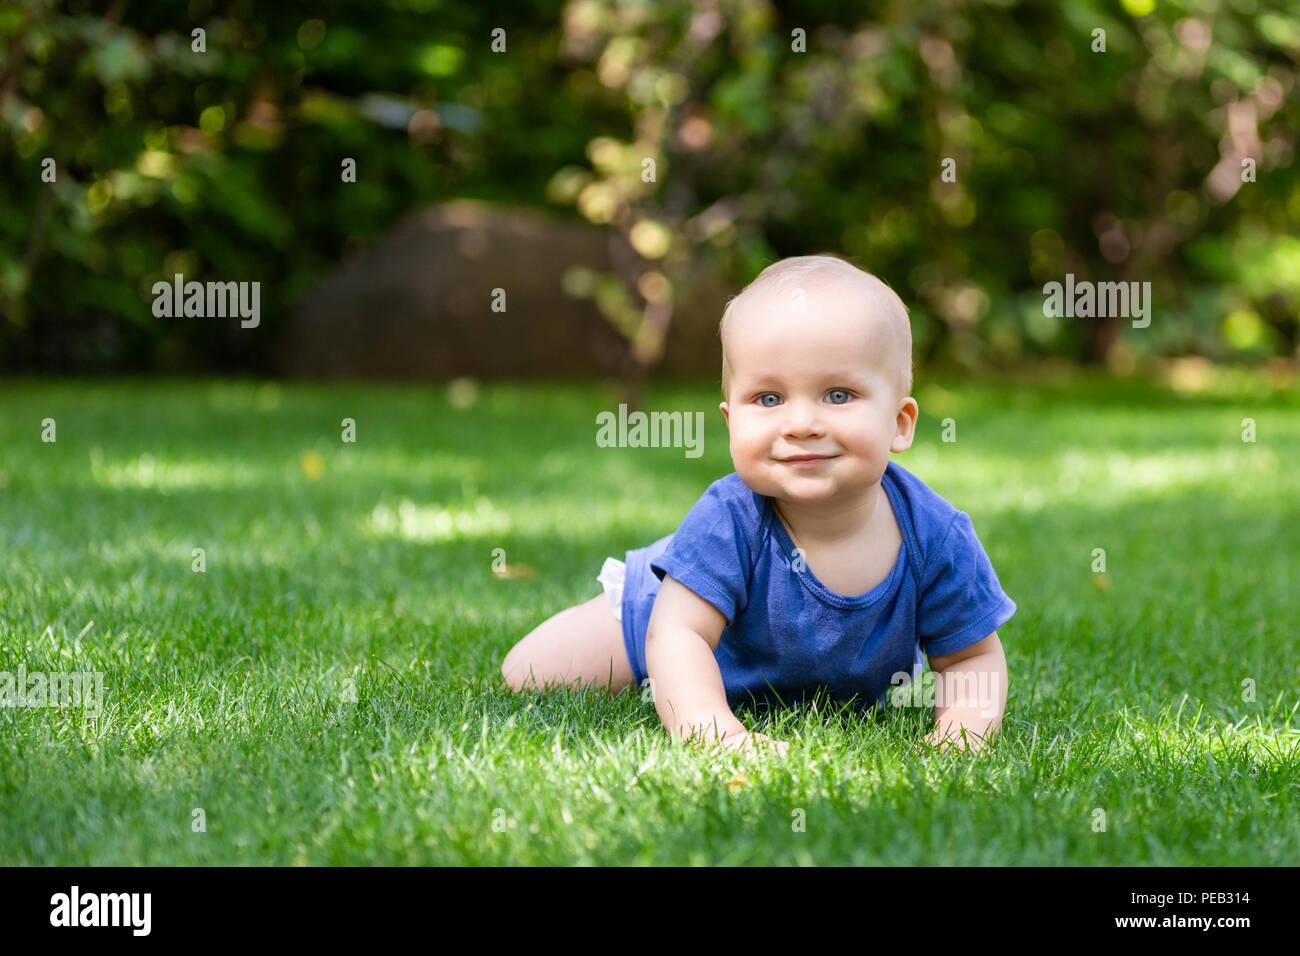 Loira pouco cute baby boy rastejando na grama fresca. Kid se divertindo fazendo o primeiro passos no relvado natural mowed. Conceito de infância feliz e saudável Imagens de Stock